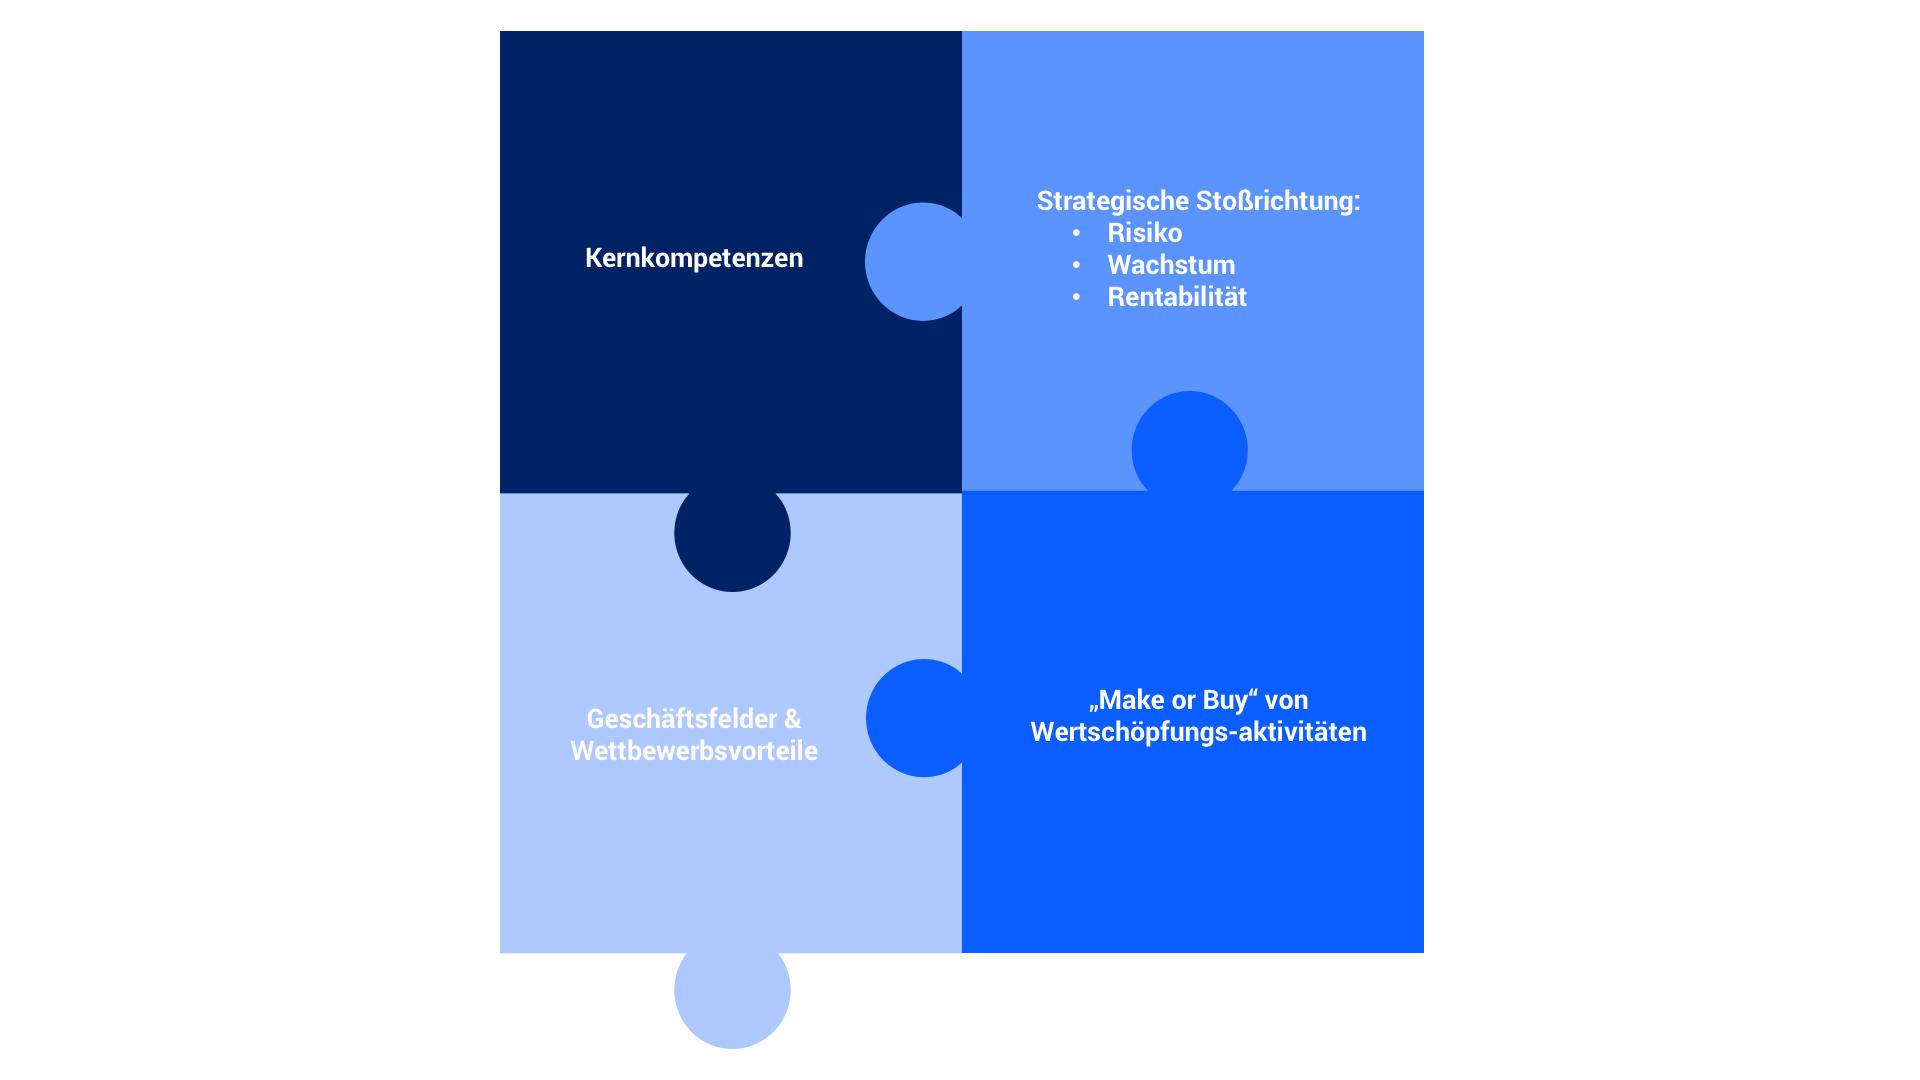 ERP-Wechsel im Zusammenhang mit der Strategie des Unternehmens